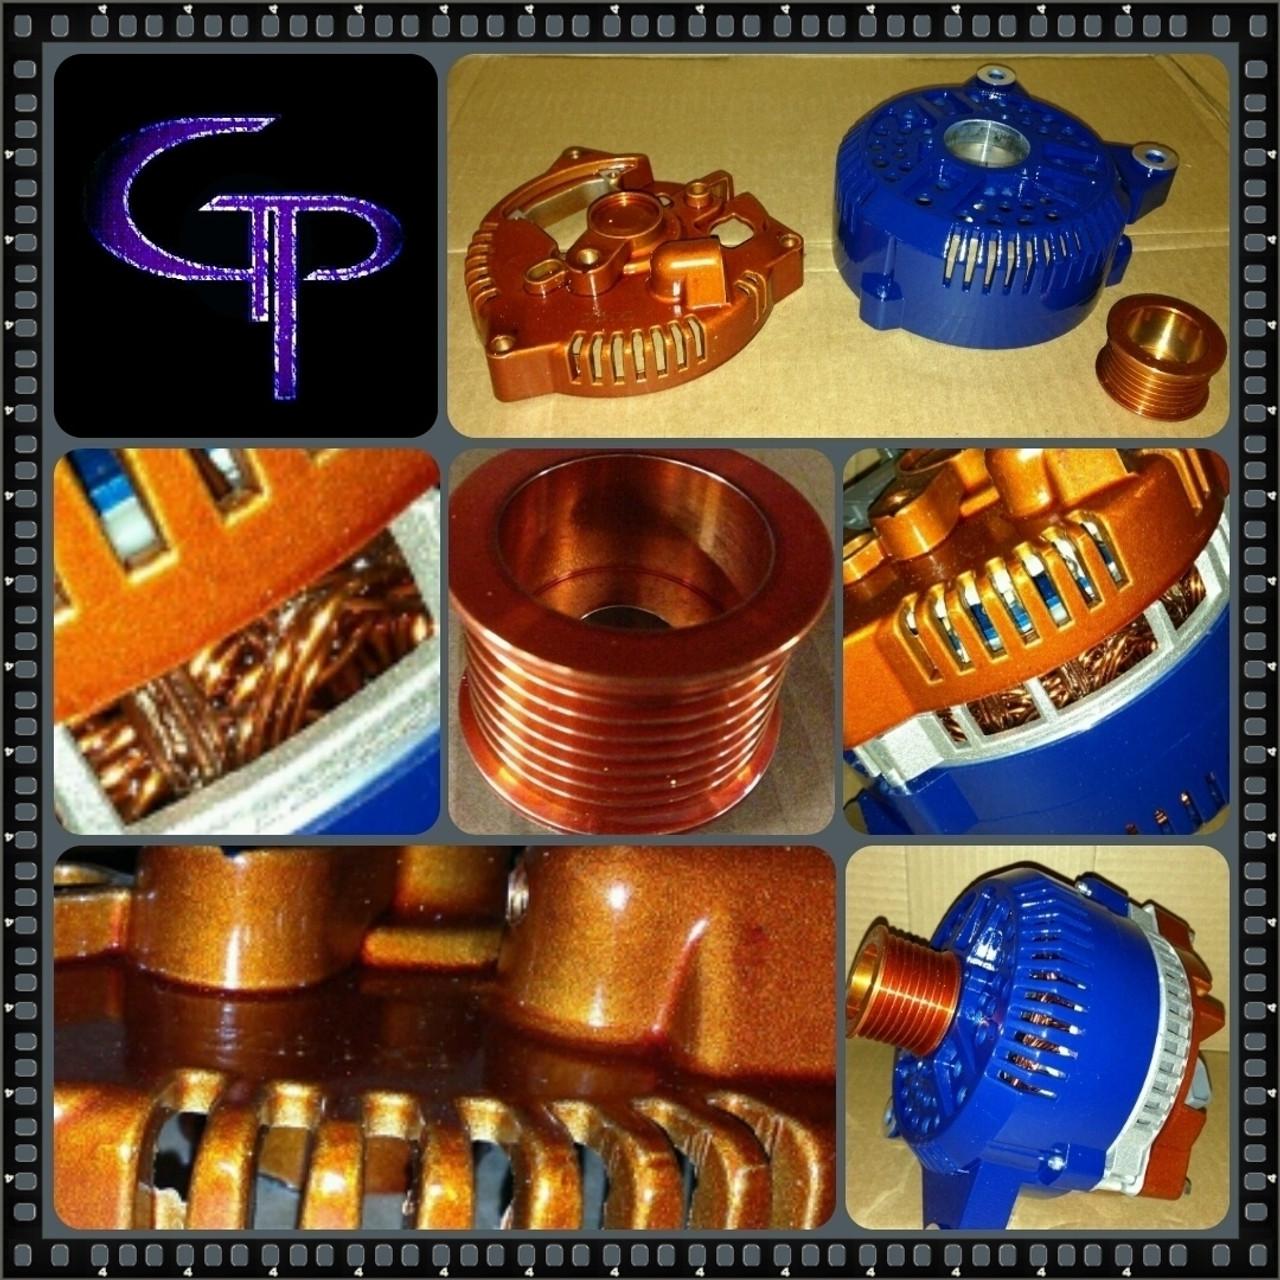 FORD TAURUS 3.5 -2009- 400AMP TEAM GP Alternator